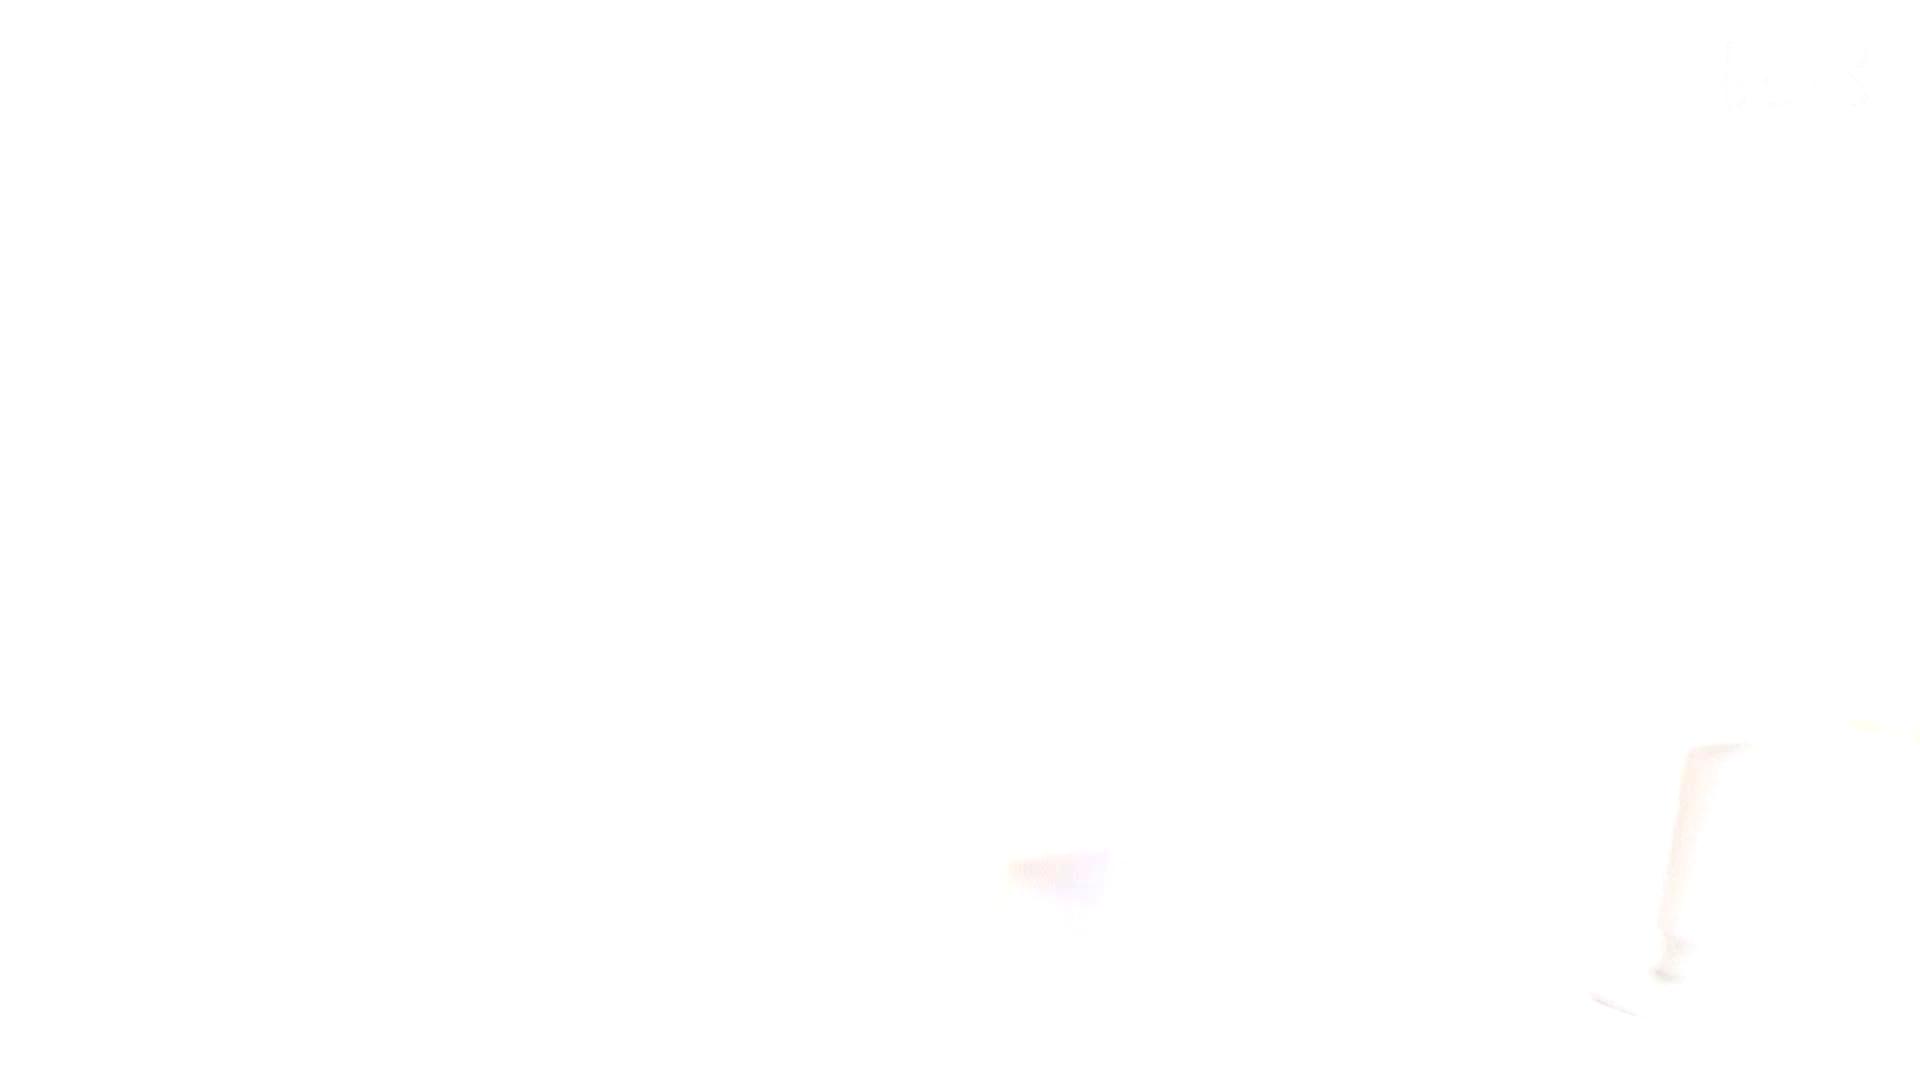 アダルトエロ動画|至高下半身盗撮-PREMIUM-【院内病棟編 】VOL3|怪盗ジョーカー